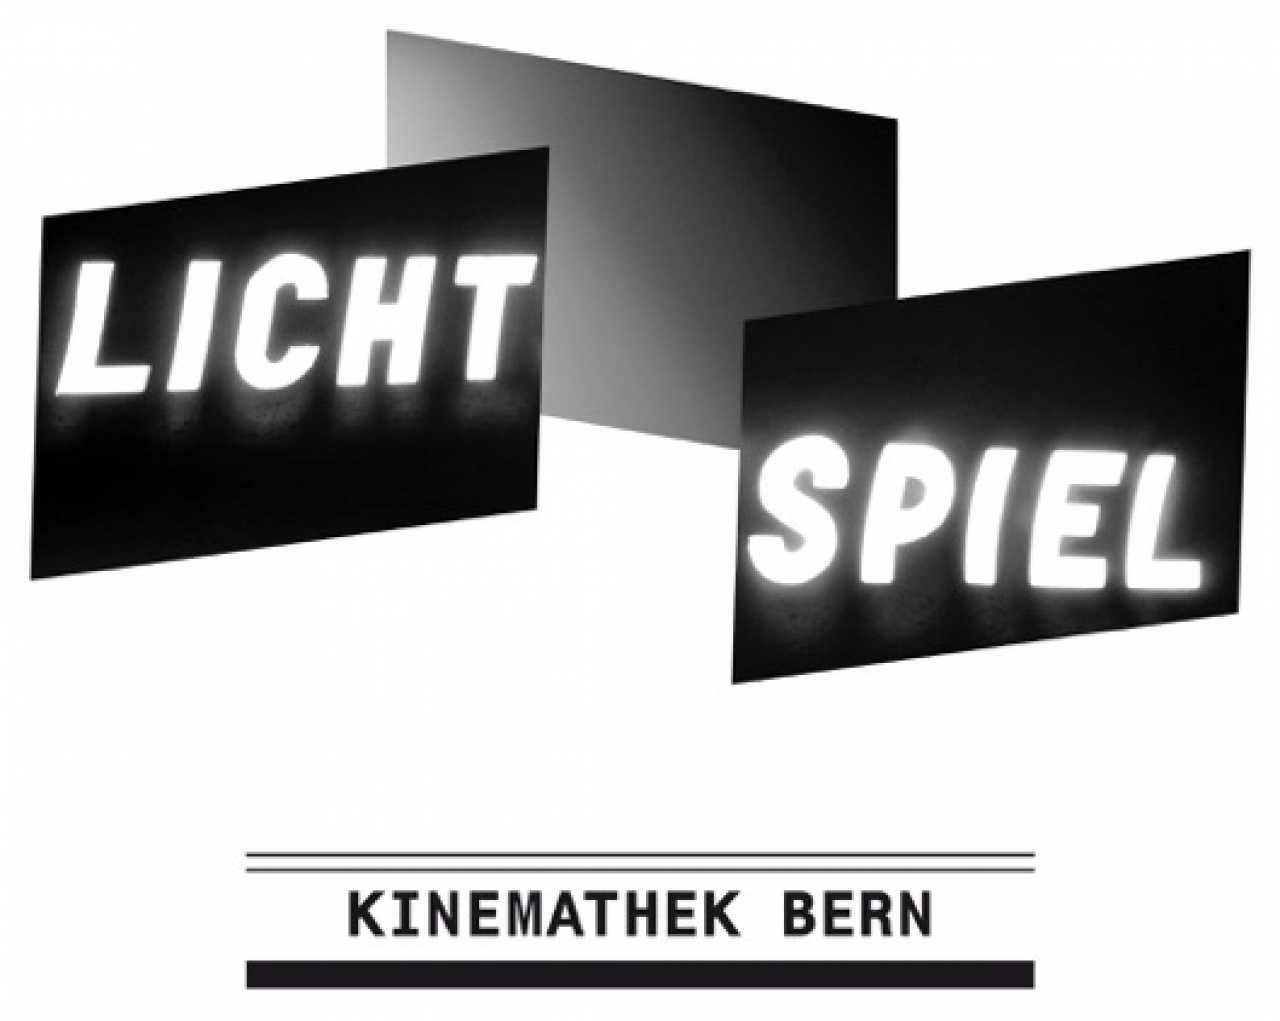 Lichtspiel Kinemathek Bern